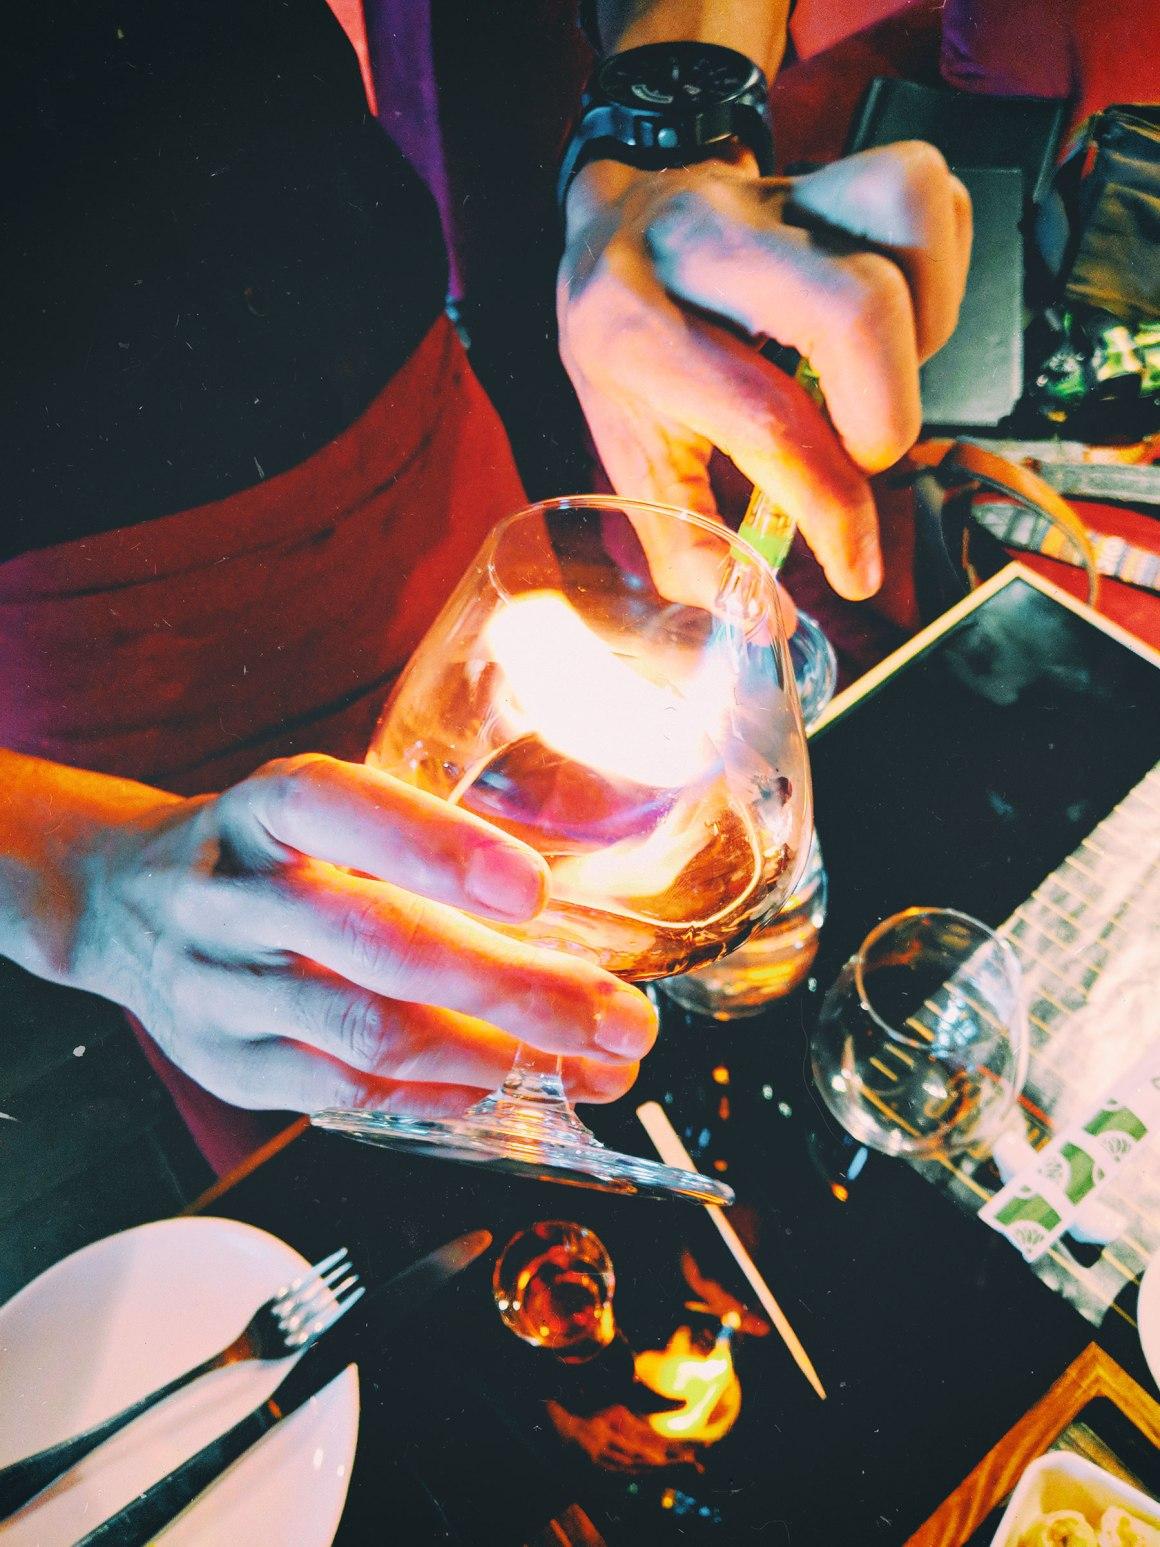 naina.co, naina, naina redhu, triple8 restaurant, 888, ansal plaza, new delhi, eyesfordining, mom's birthday, birthday lunch, pan-asian, cuisine, drinks, dining, fine dining, eyesfordelhi, eyesforindia, family meal, family restaurant, portraits